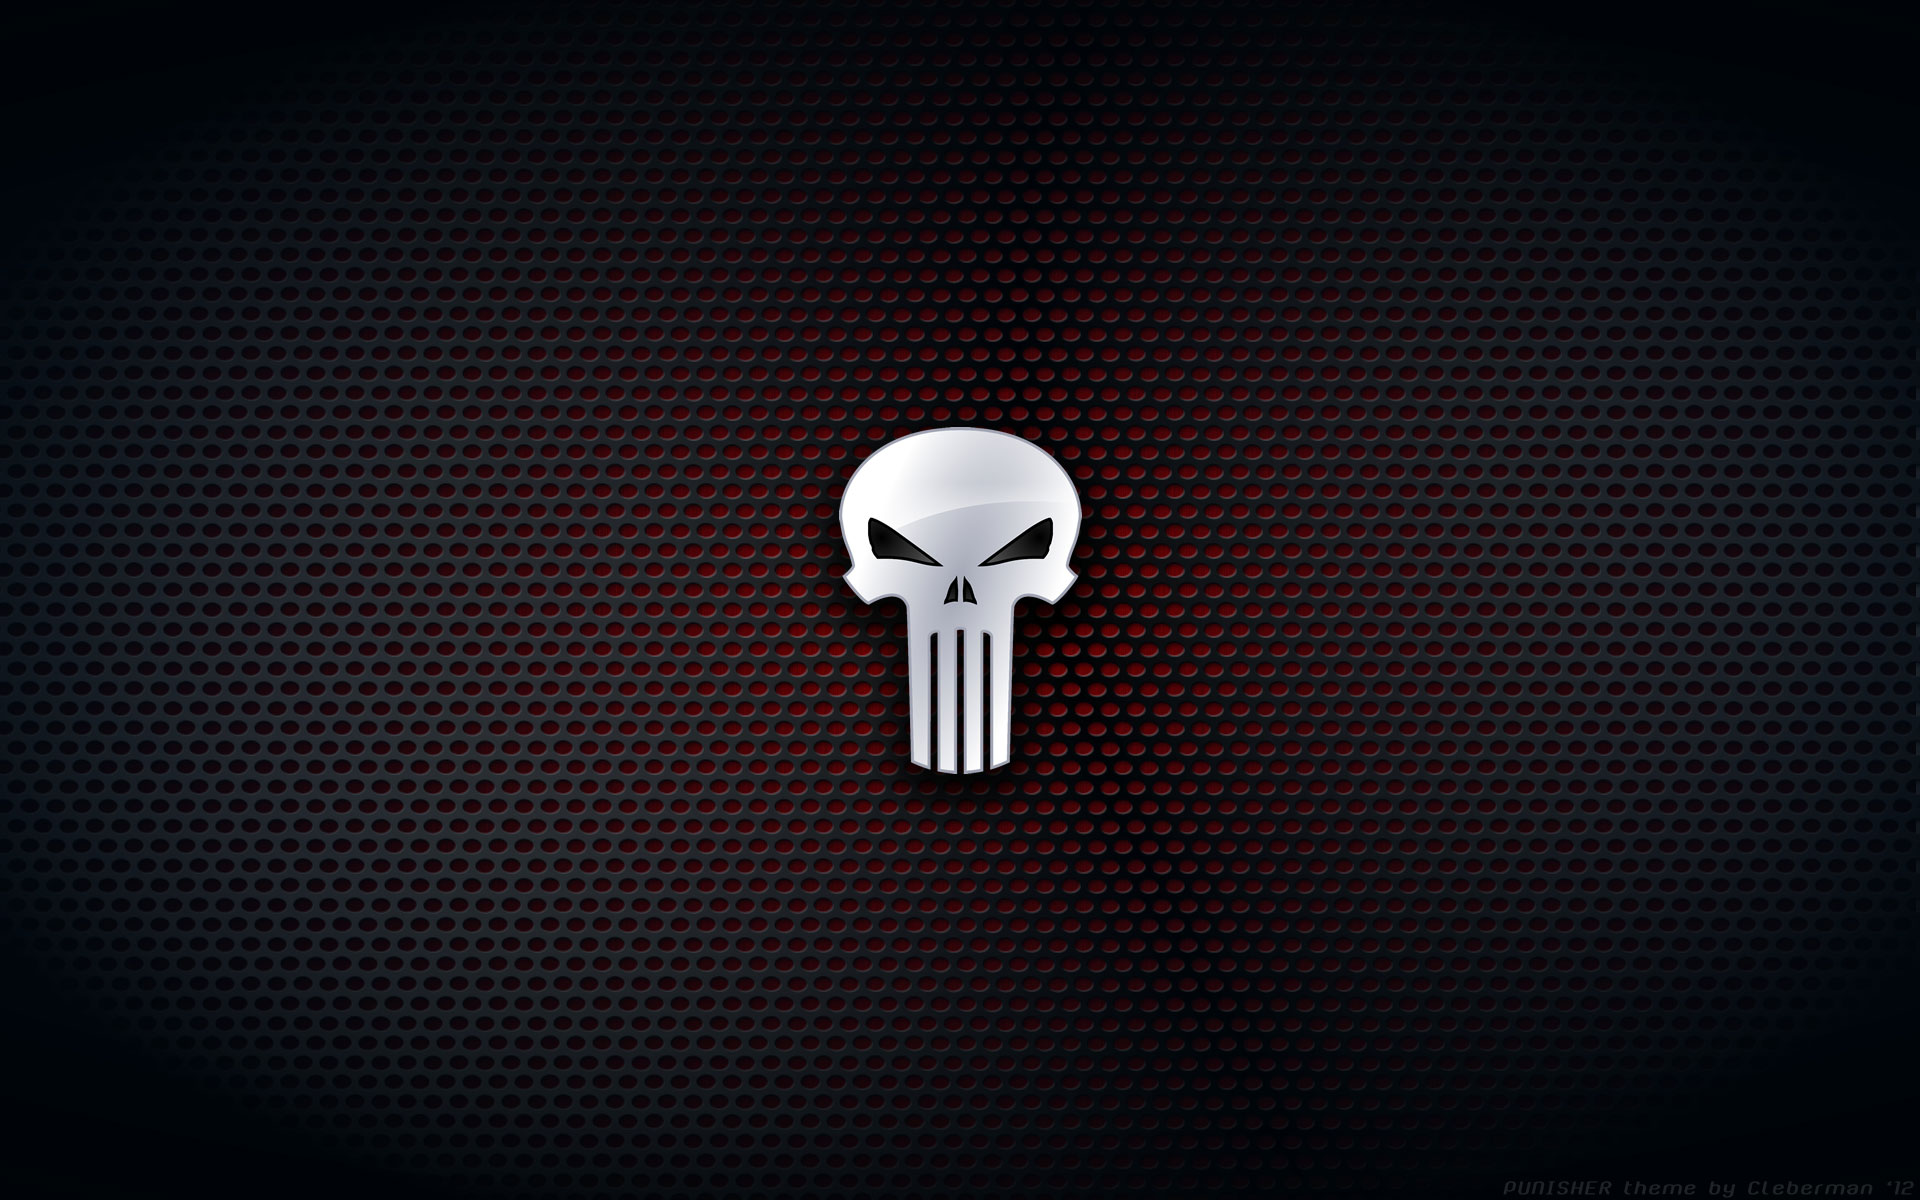 Marvel Logo Wallpaper Hd wallpaper - 1388601